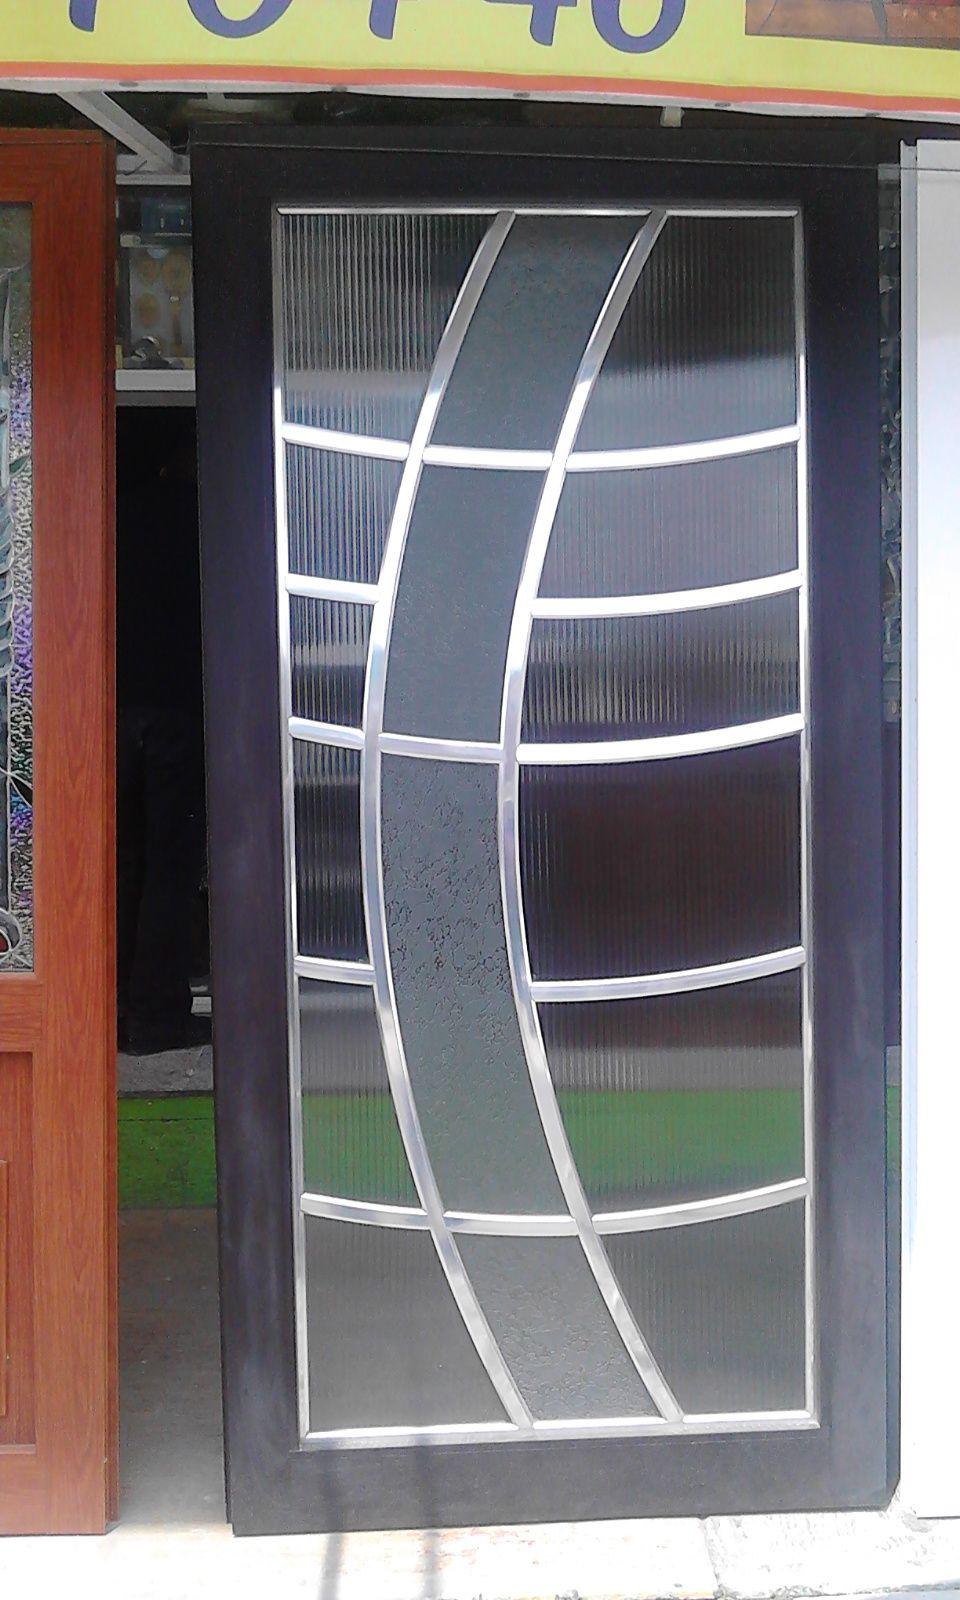 puerta de Aluminio y vidrio de un fabricante de puertas, ventanas y ...